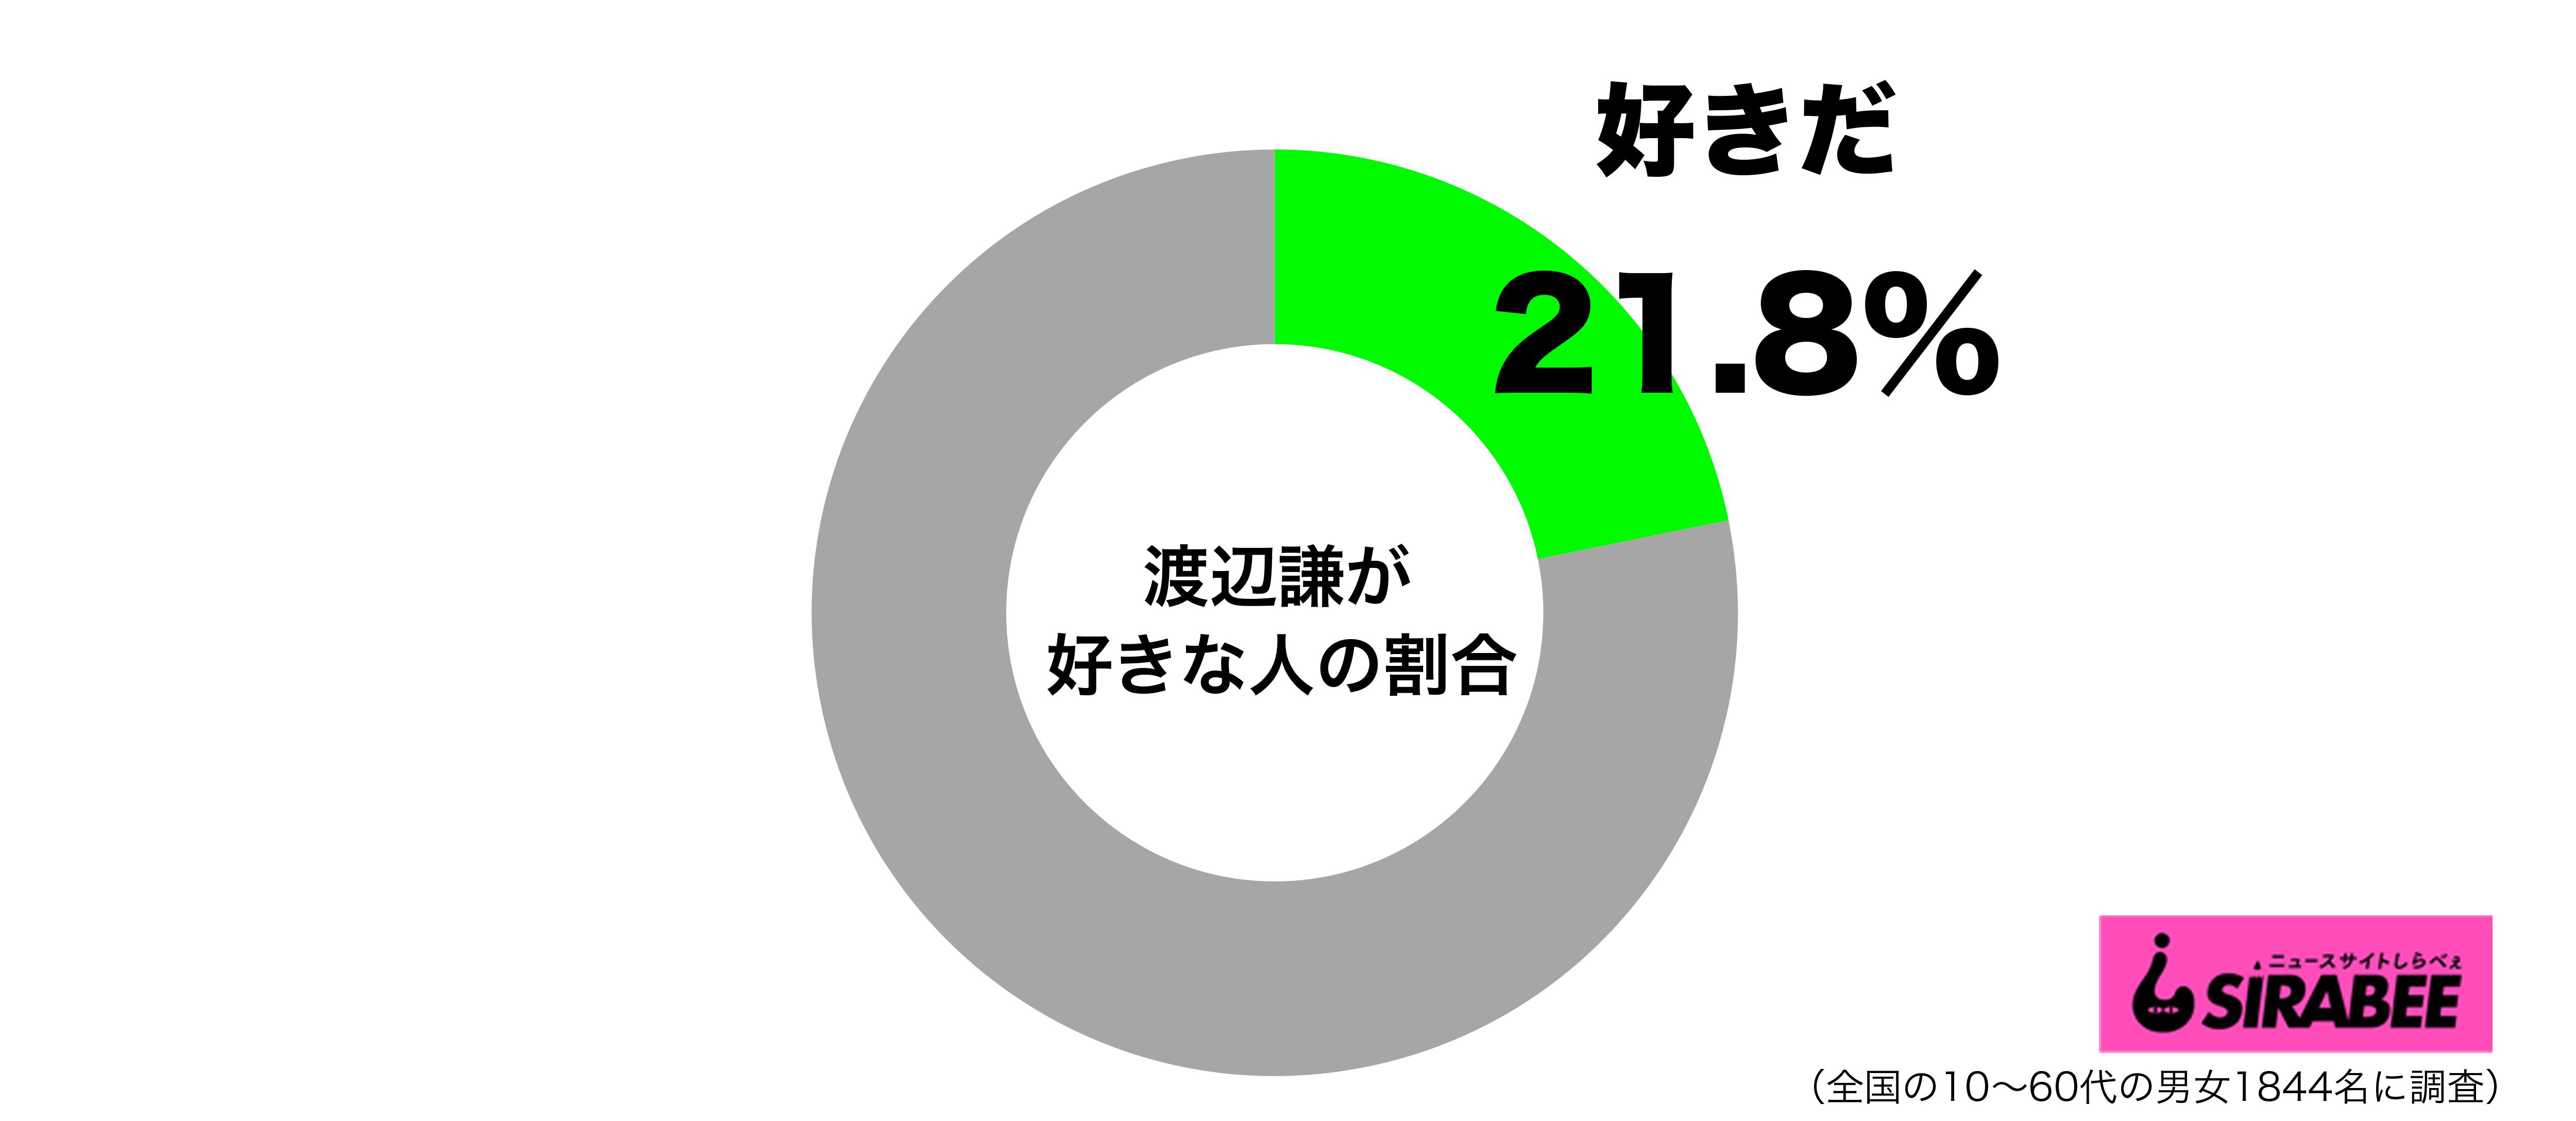 渡辺謙が好きグラフ